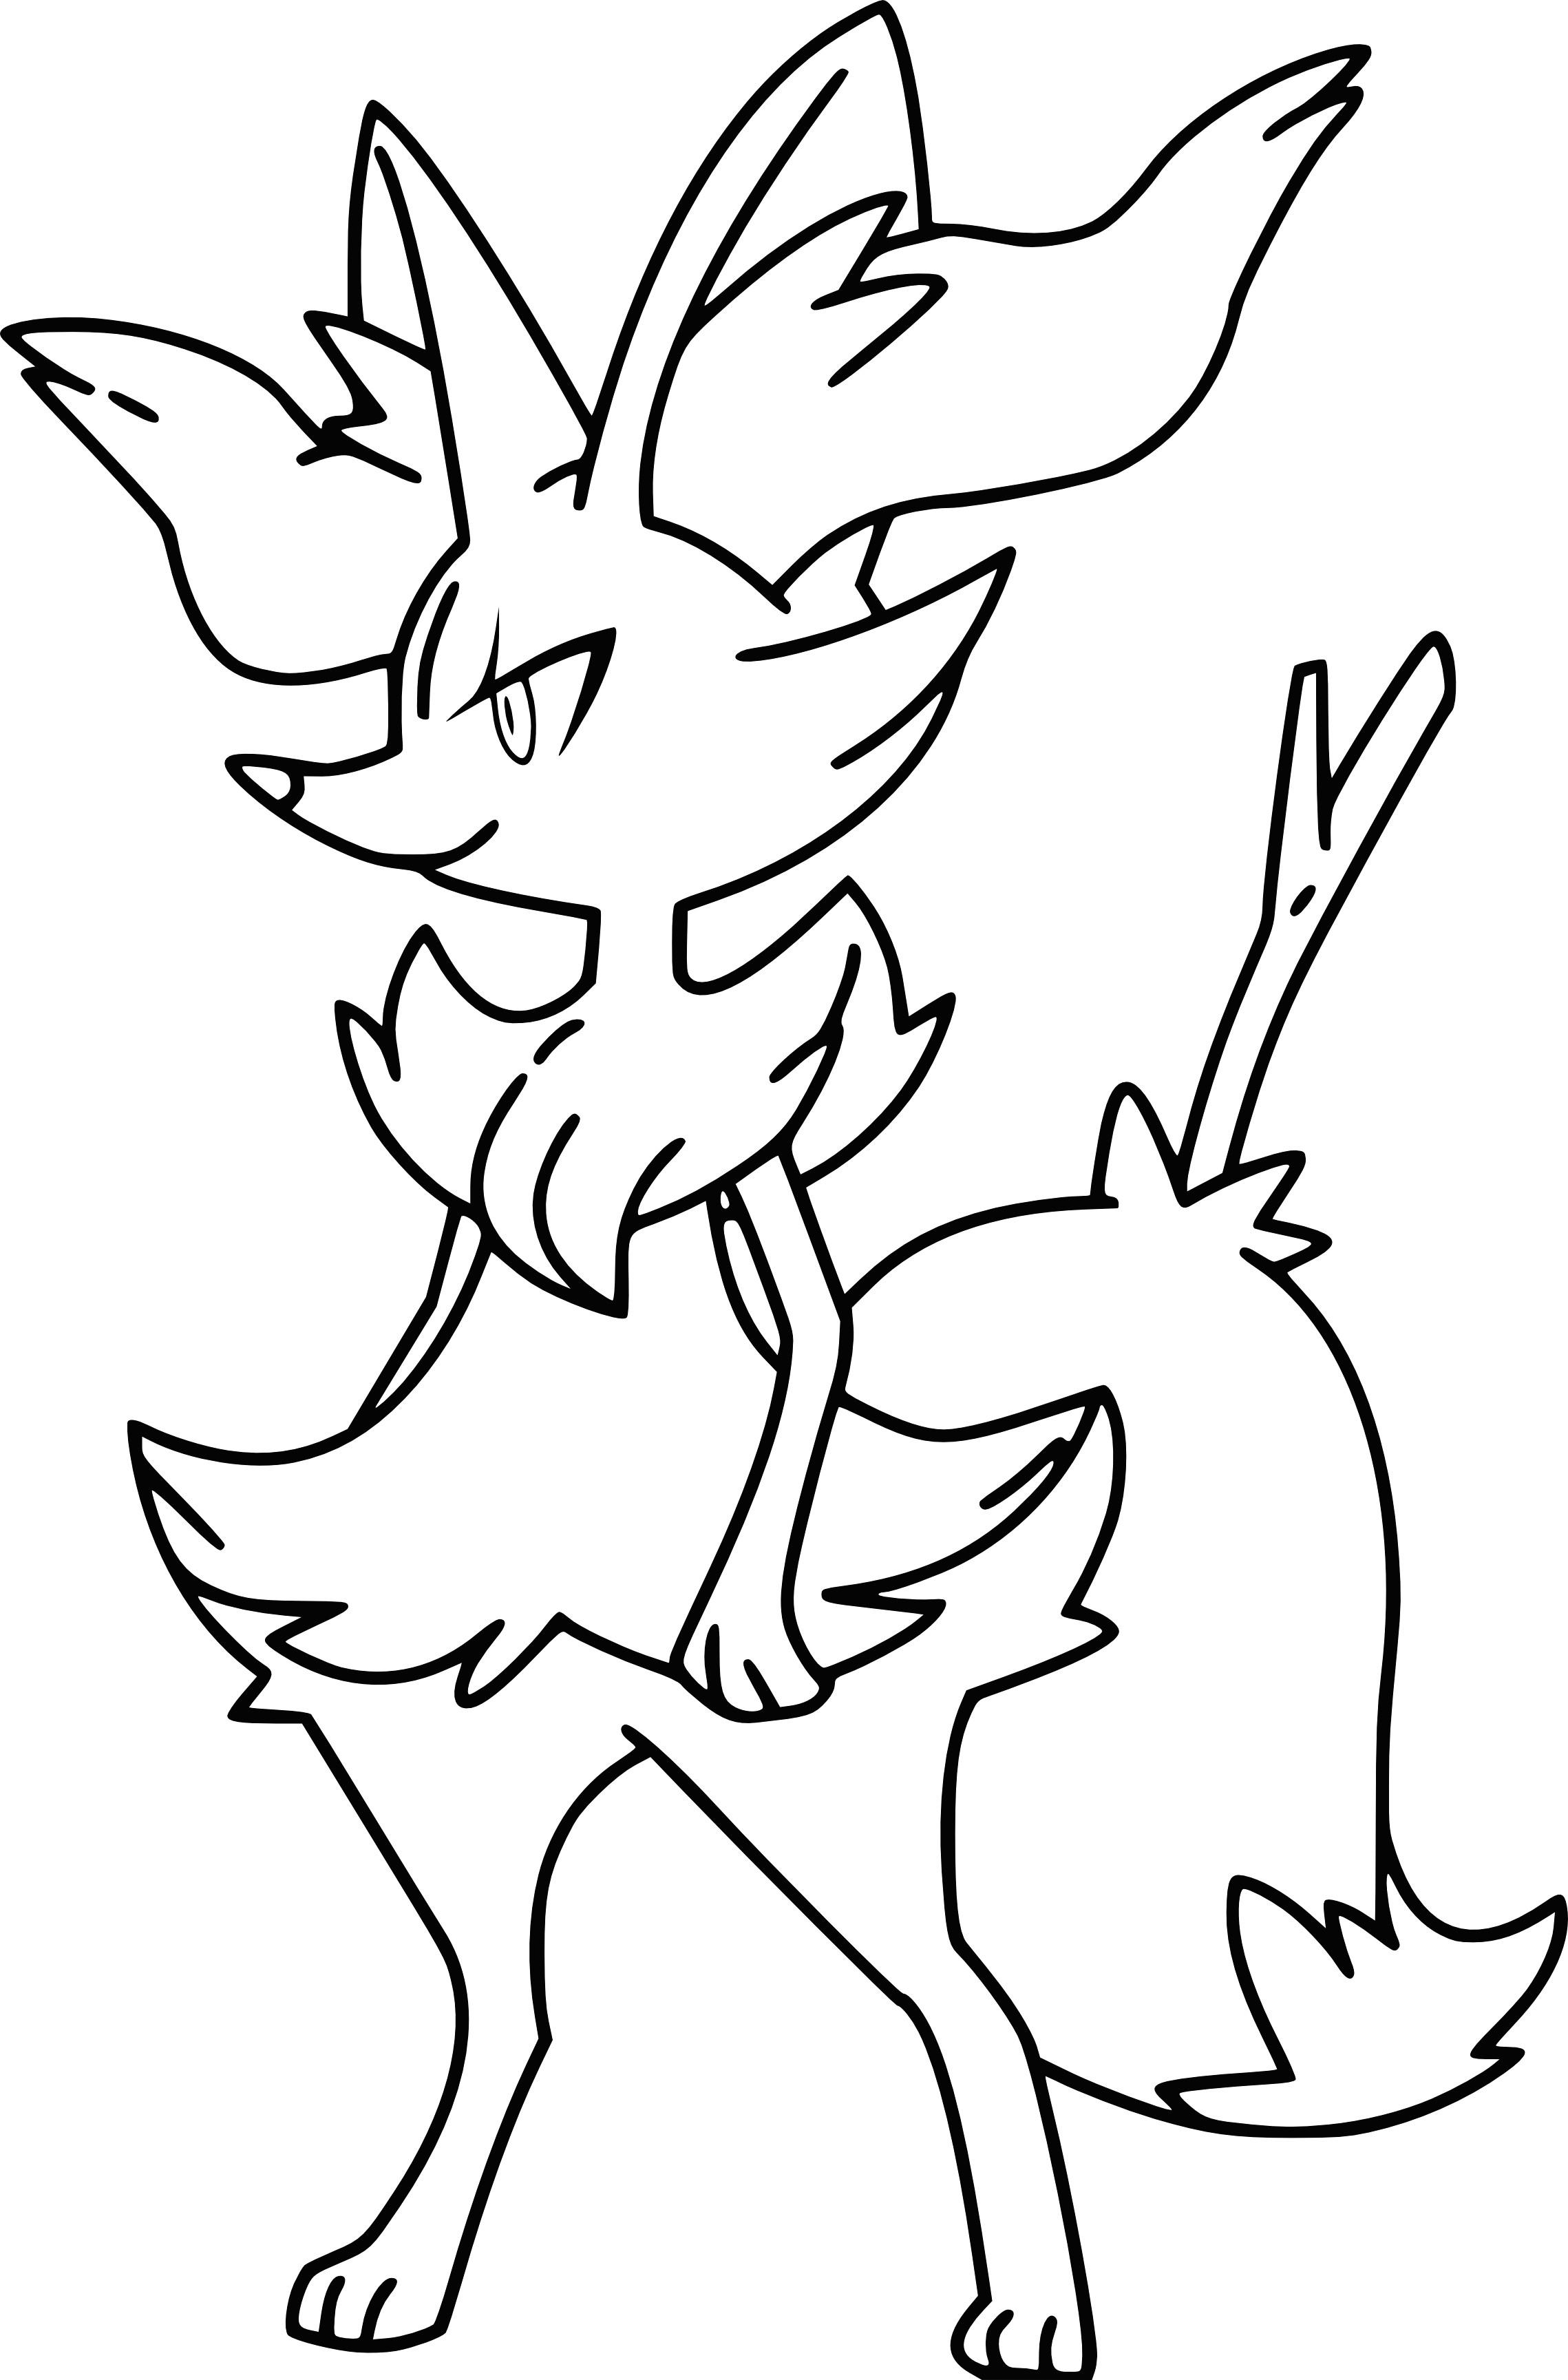 Dessin Colorier Pokemon Imprimer Gallery Avec Coloriage avec Dessins A Colorier